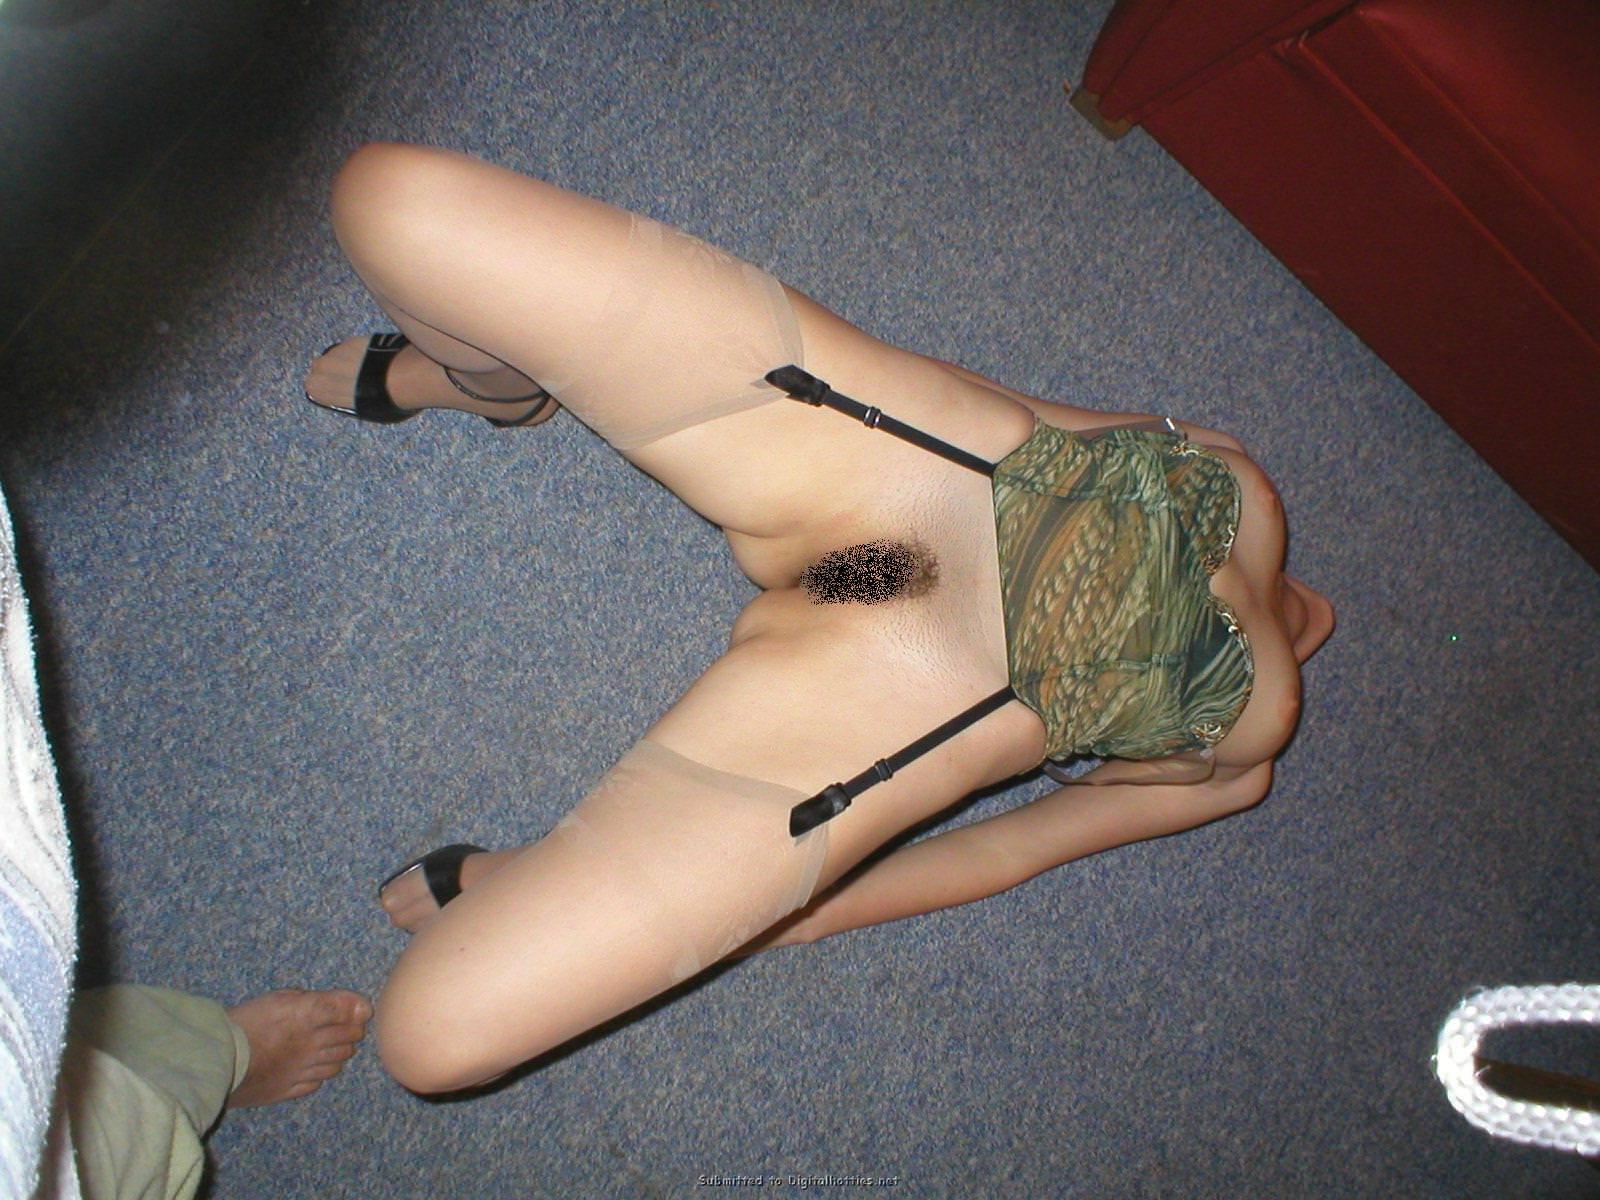 騎乗位でガンガン逝きまくってる変態女子のハメ撮りエロ画像 2210